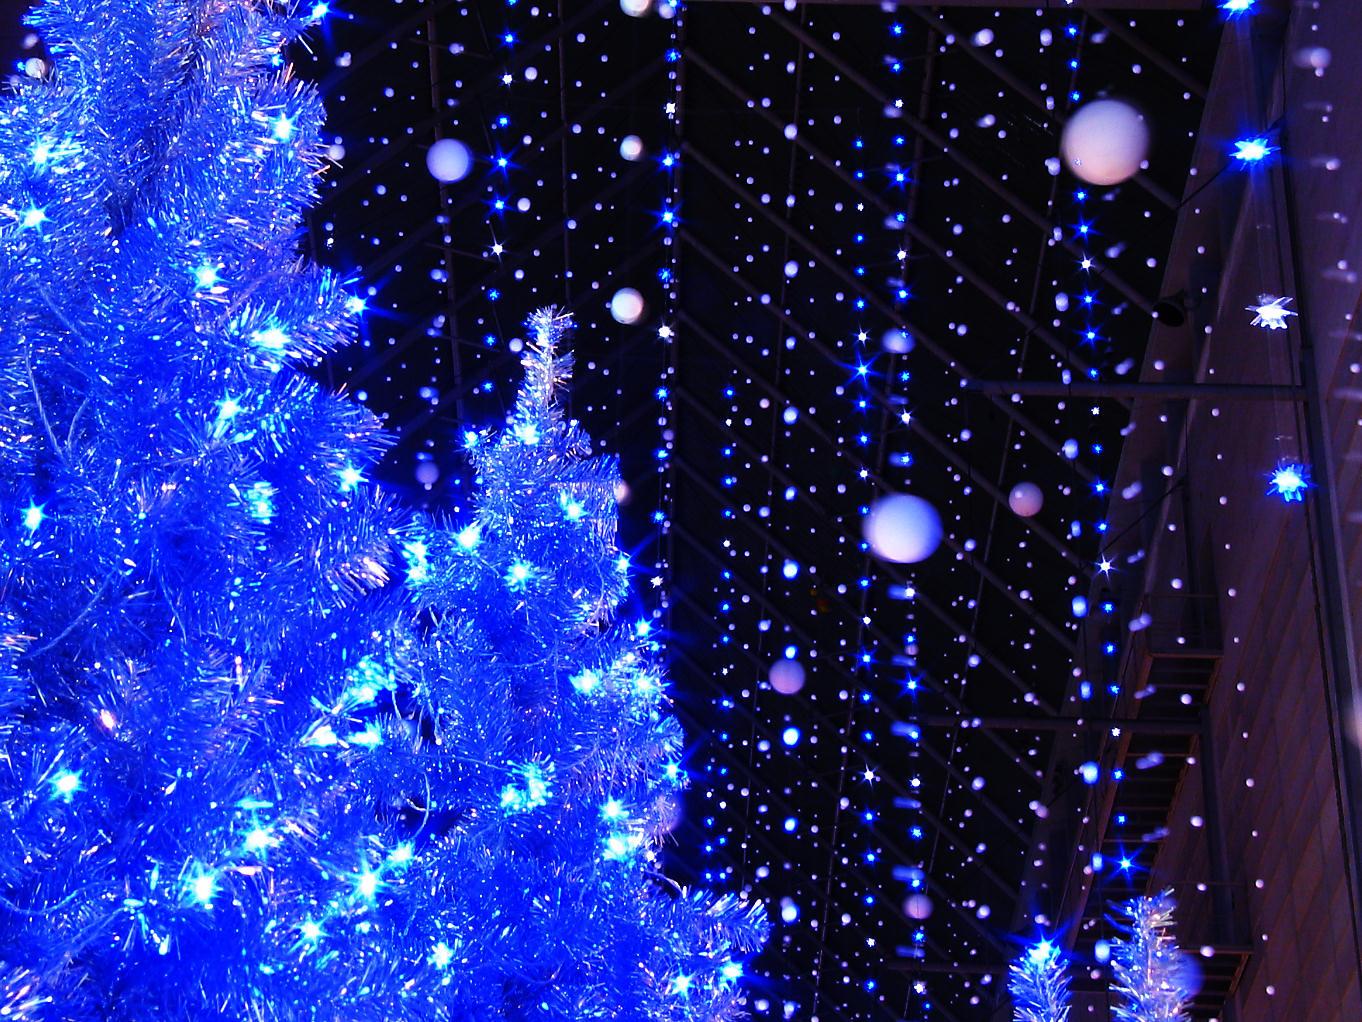 クリスマスイルミネーションの壁紙 Xga 1024 768 ぶらり兵庫 ぶらり神戸 神戸の観光情報とイベント情報 楽天ブログ